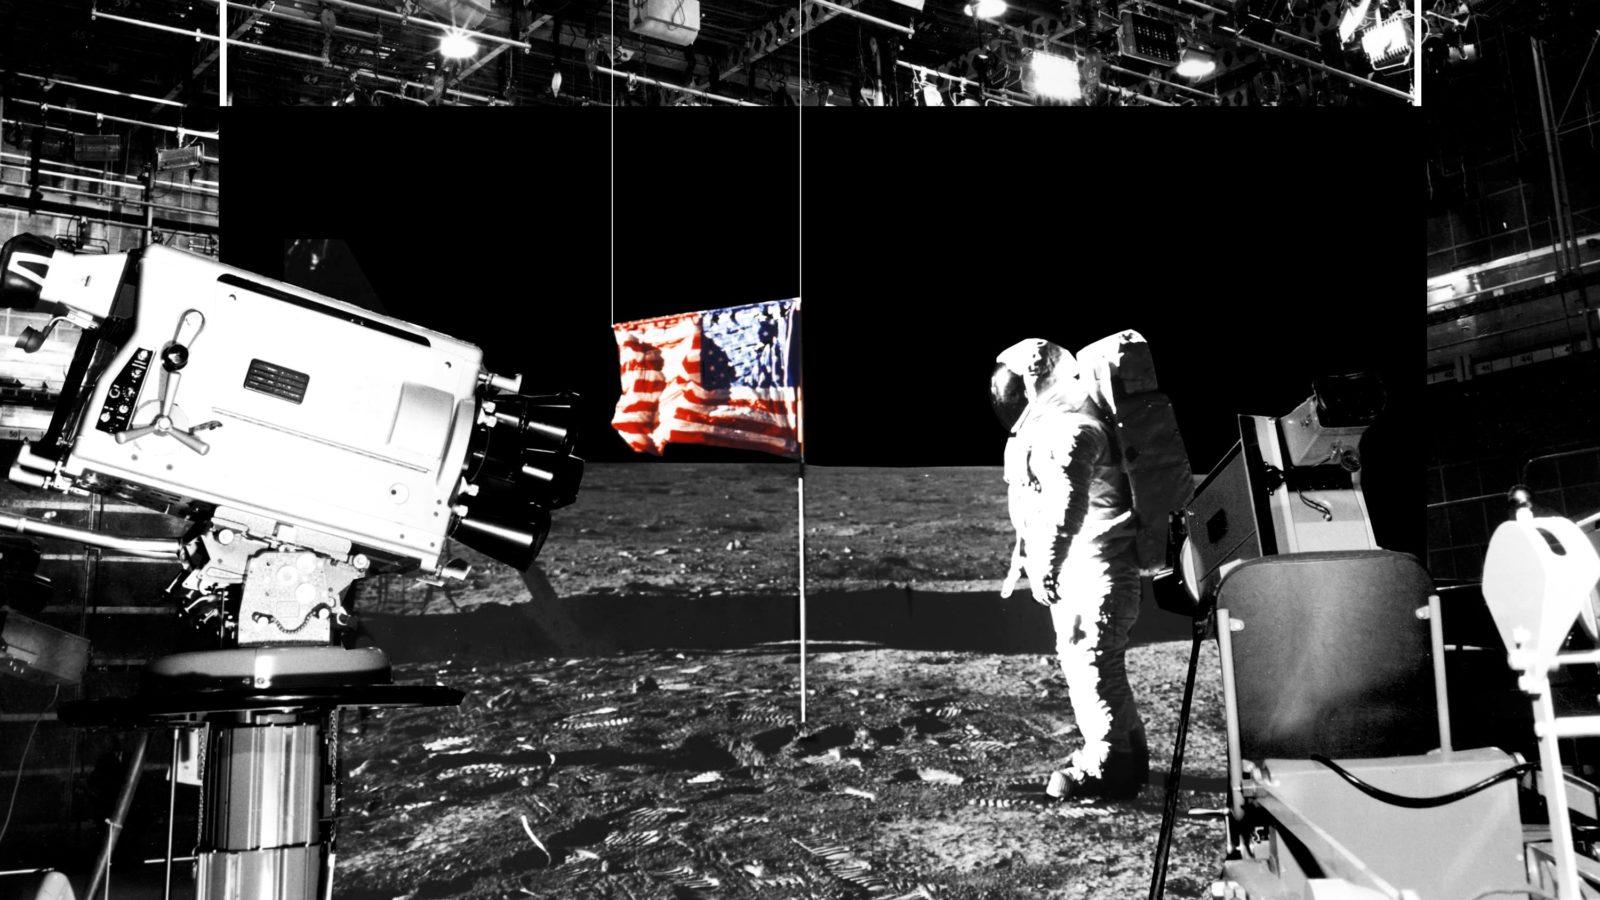 Ilustração mostra câmeras filmando o homem na Lua